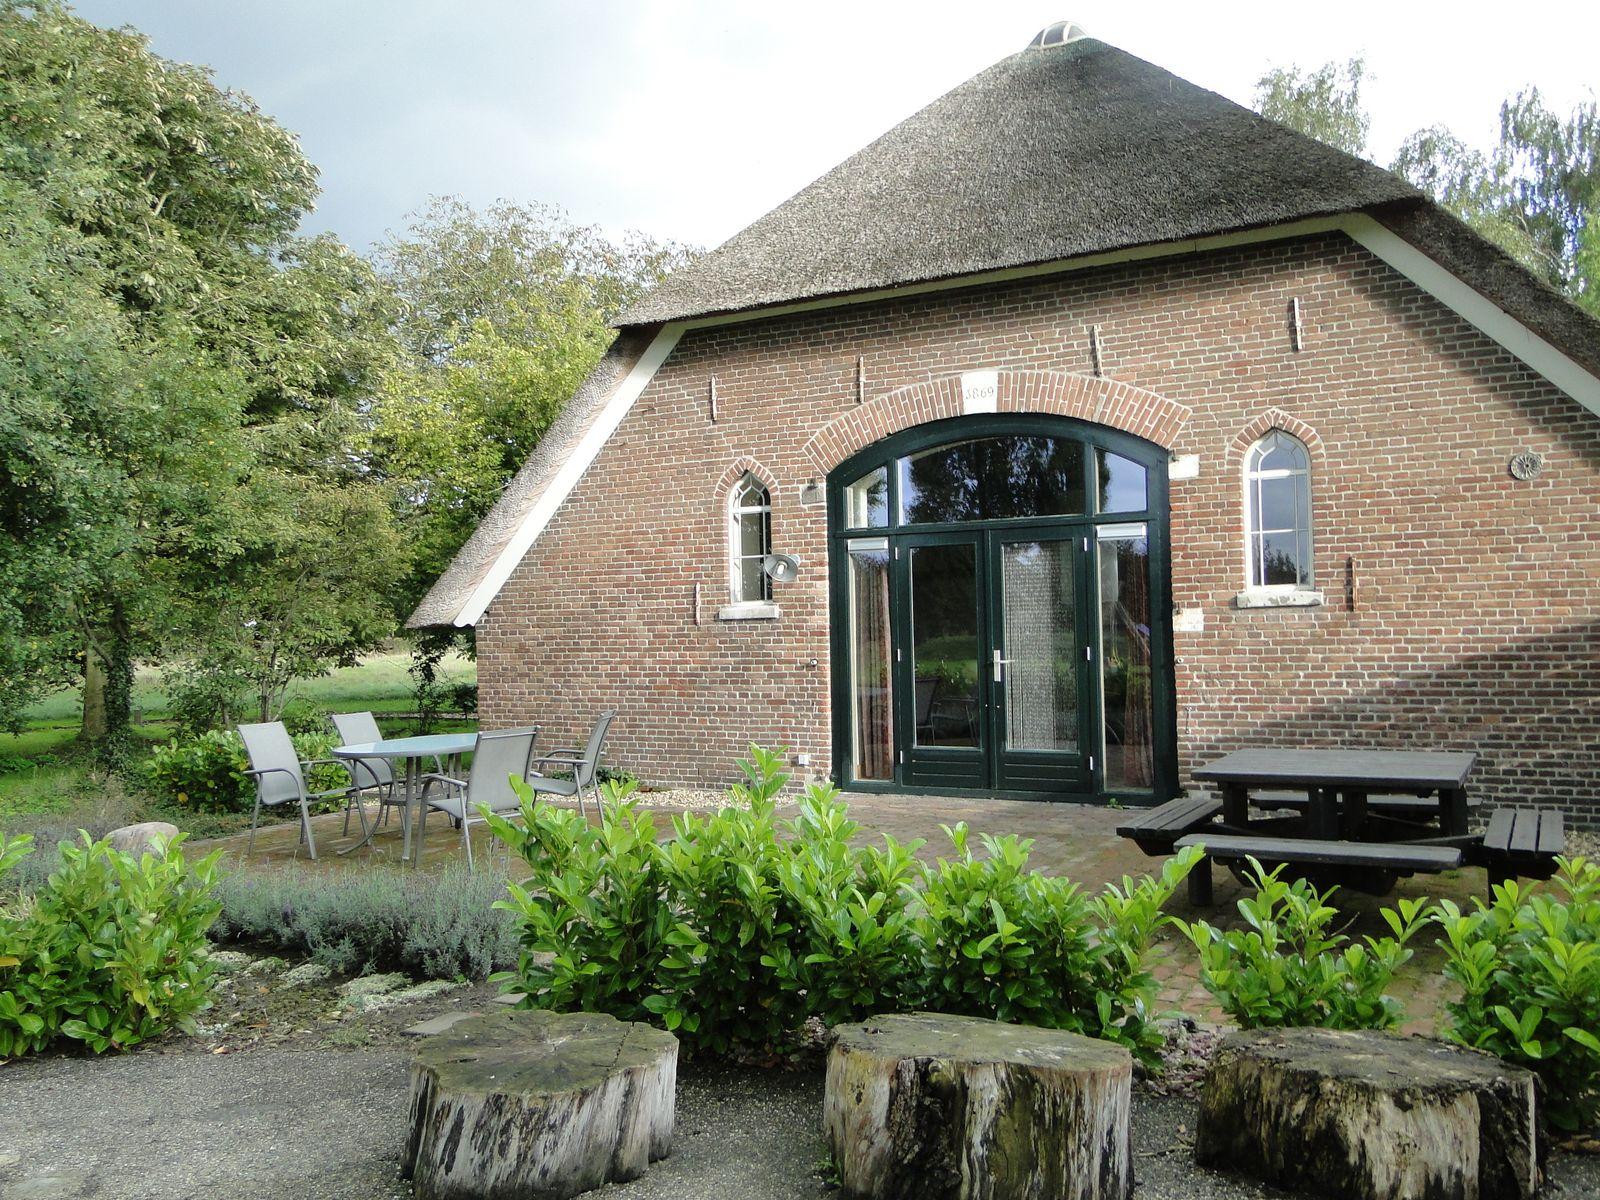 Afbeelding van Boerderij IJselhoeve West - vakantiehuis Overijssel